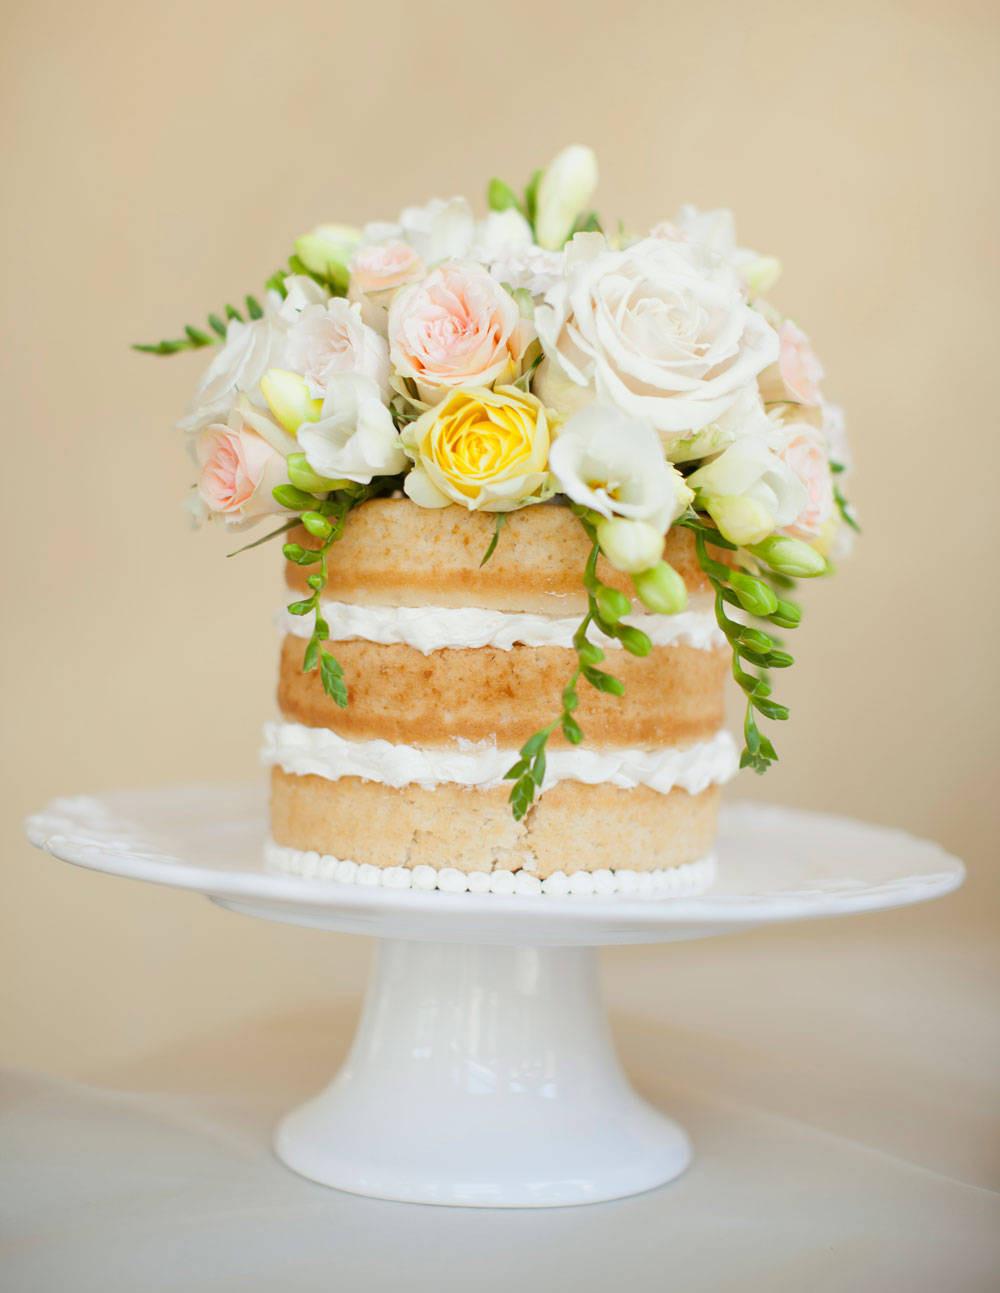 Simple Wedding Cakes Without Fondant  Wedding Cakes Without Fondant Wedding Cakes Without Frosting